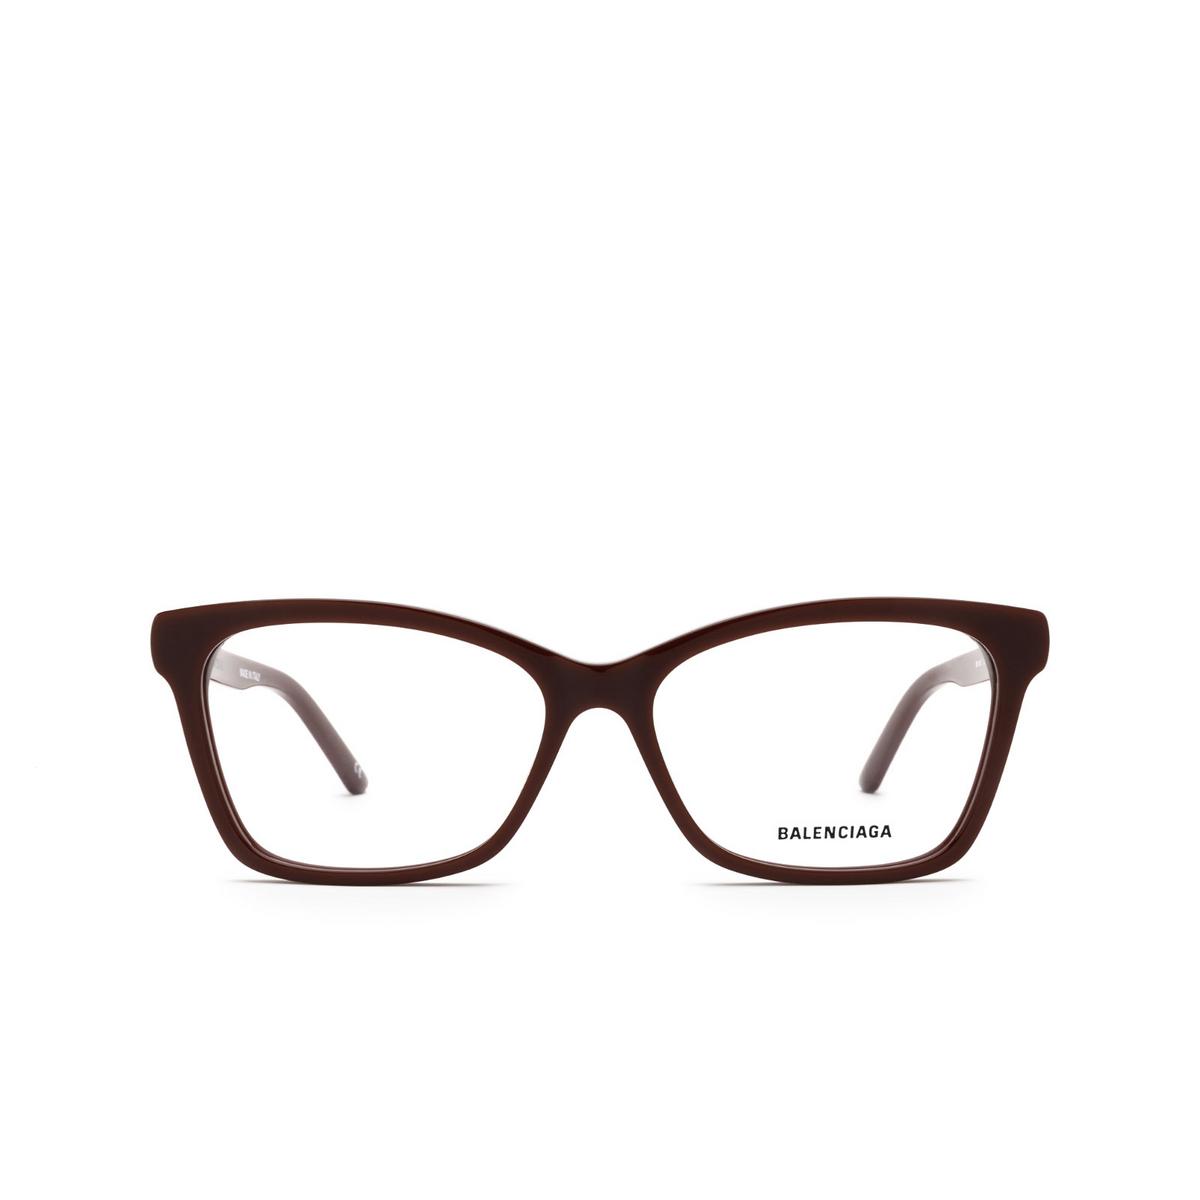 Balenciaga® Rectangle Eyeglasses: BB0186O color Burgundy 003 - front view.